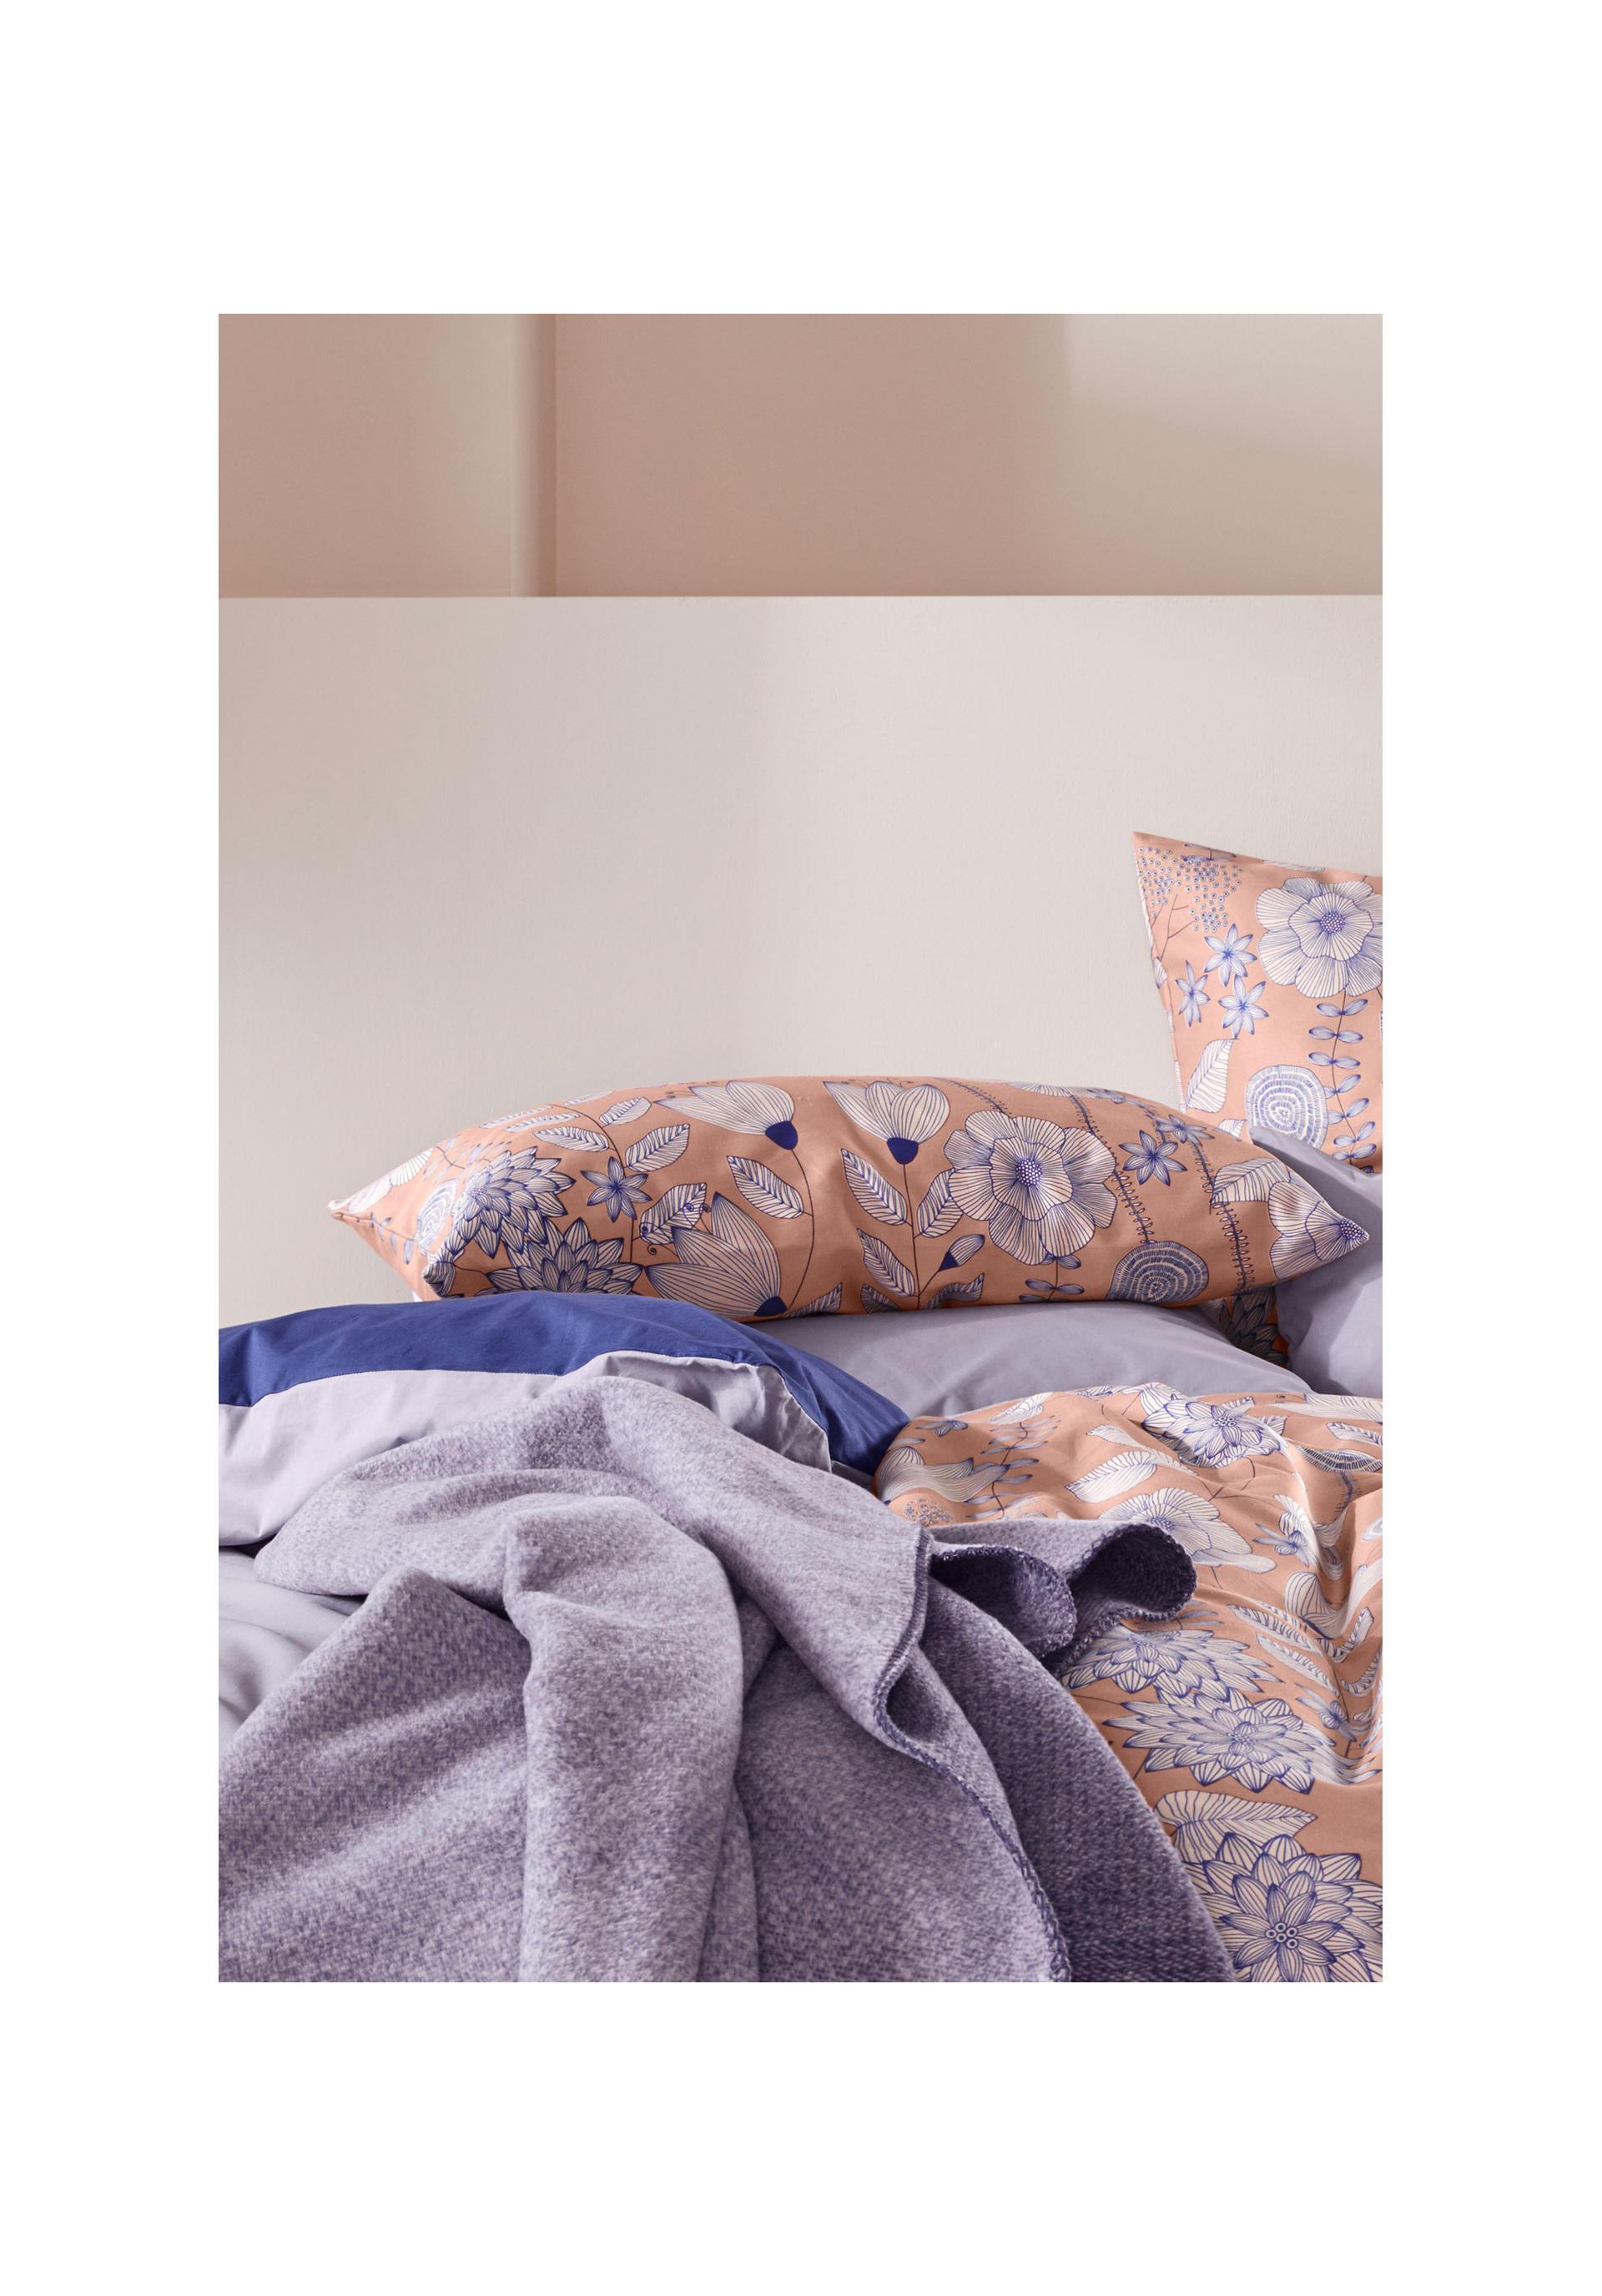 BioTextilien-Allg/äu Decke mit der Blume des Lebens aus Reiner Bio-Baumwolle Hopfen//Natur